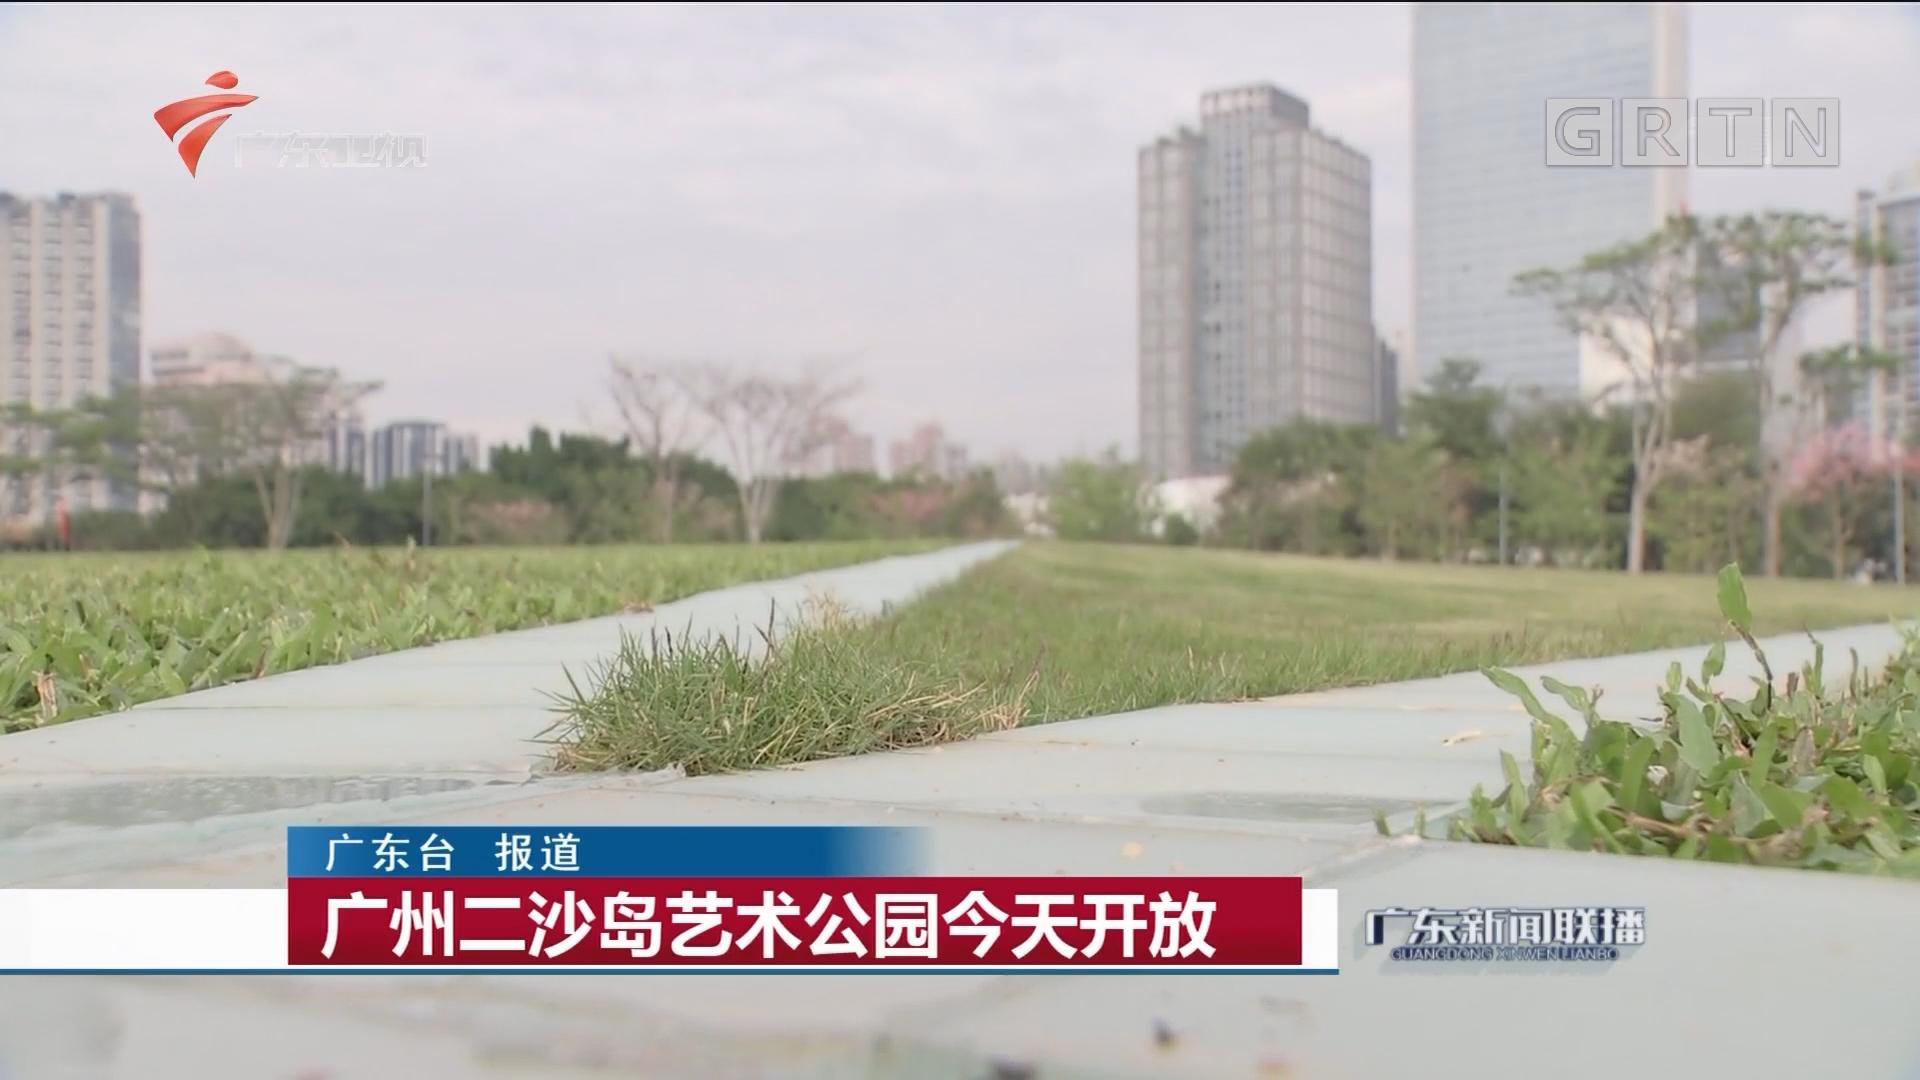 广州二沙岛艺术公园今天开放